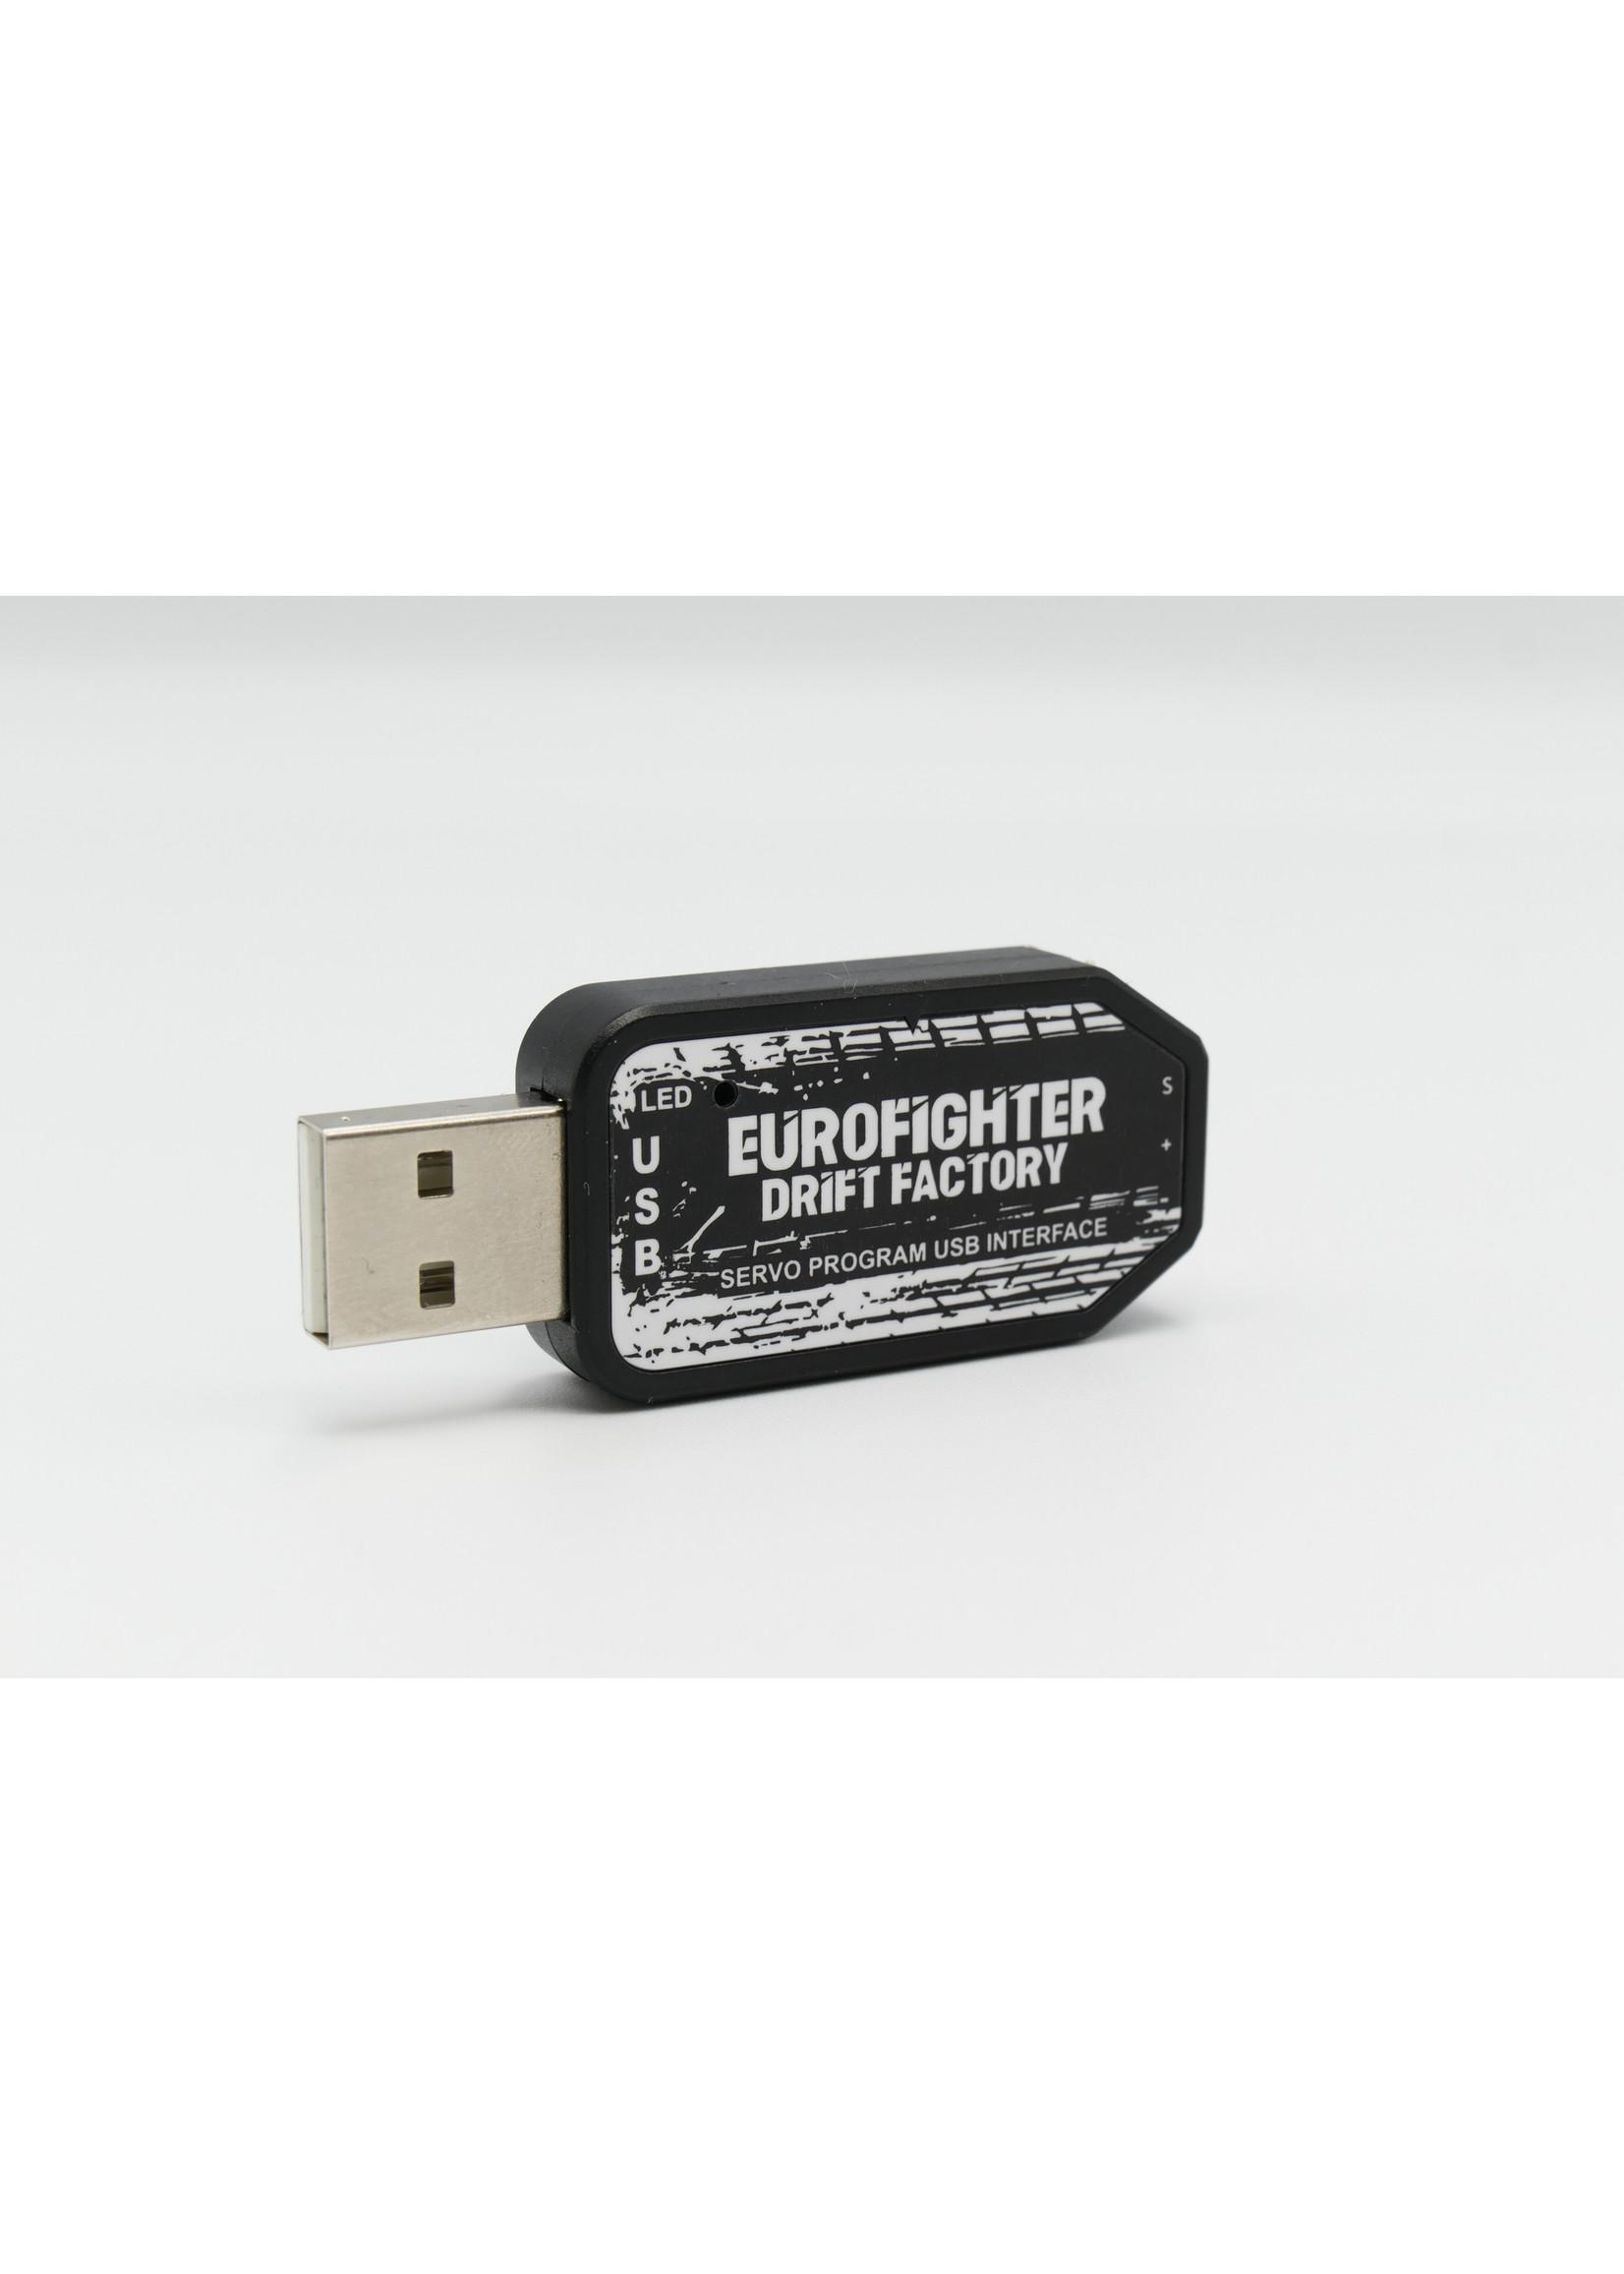 EuroFighter D1 EuroFighter D1 USB Interface